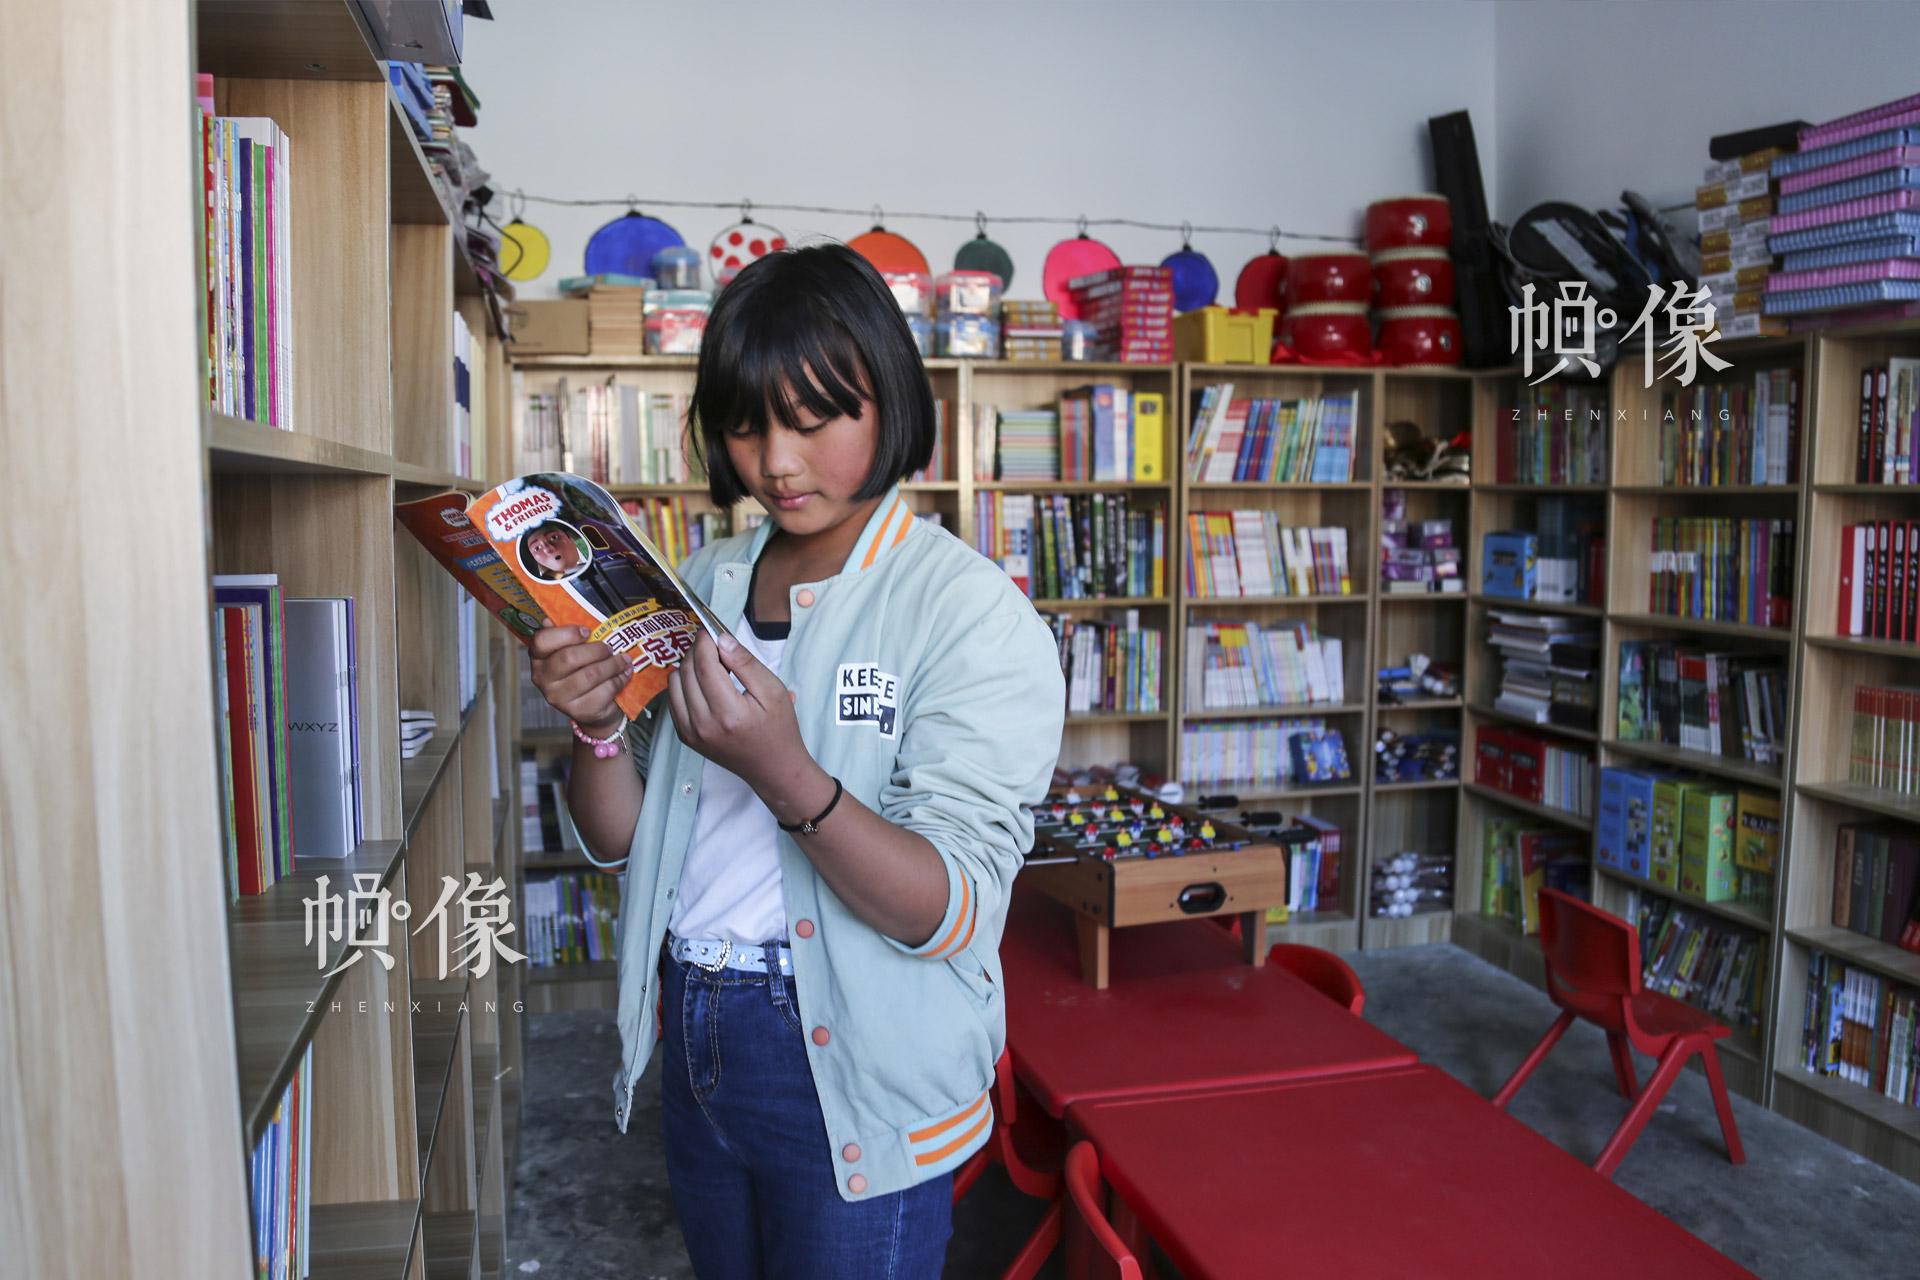 """肖欢欢喜欢看励志书籍和科学杂志。周末放假,在安马村""""儿童快乐家园""""的阅读室里经常能看到肖欢欢。中国网记者 黄富友 摄"""